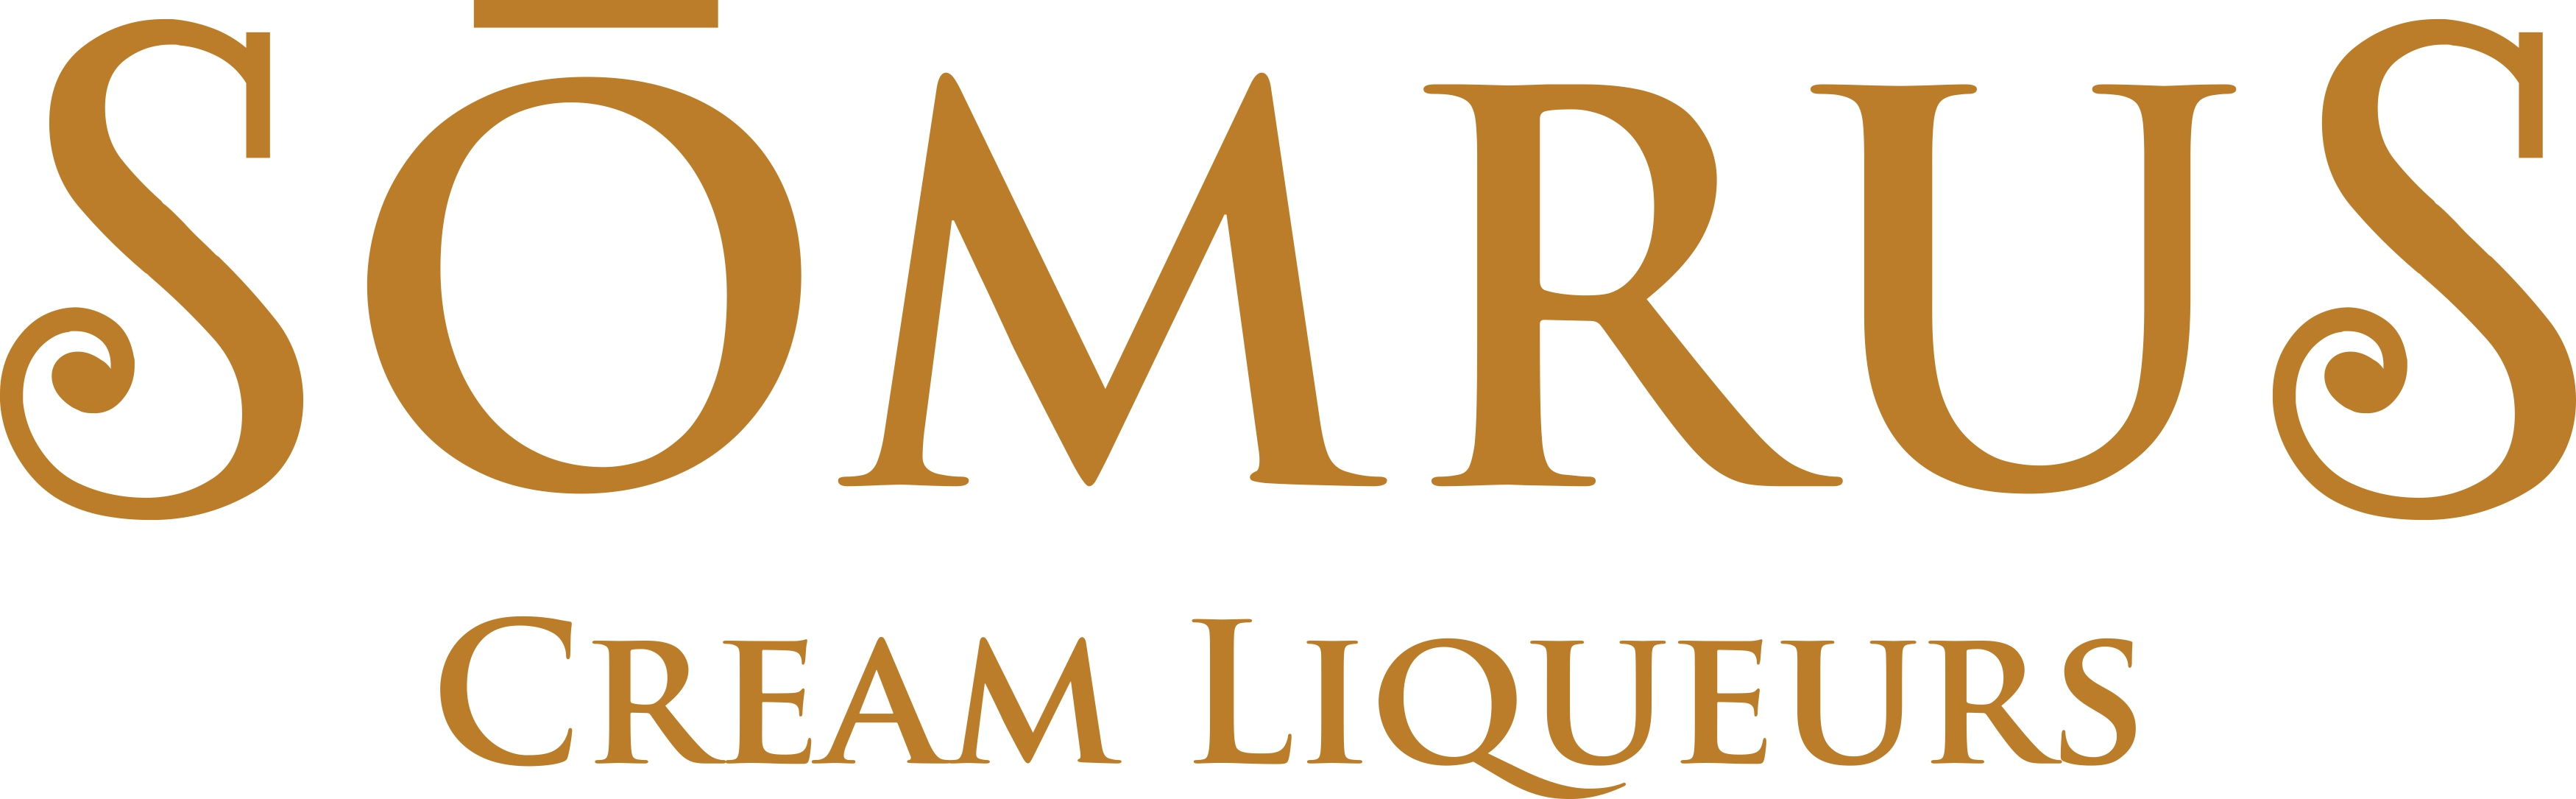 somrus cream liqueurs gold